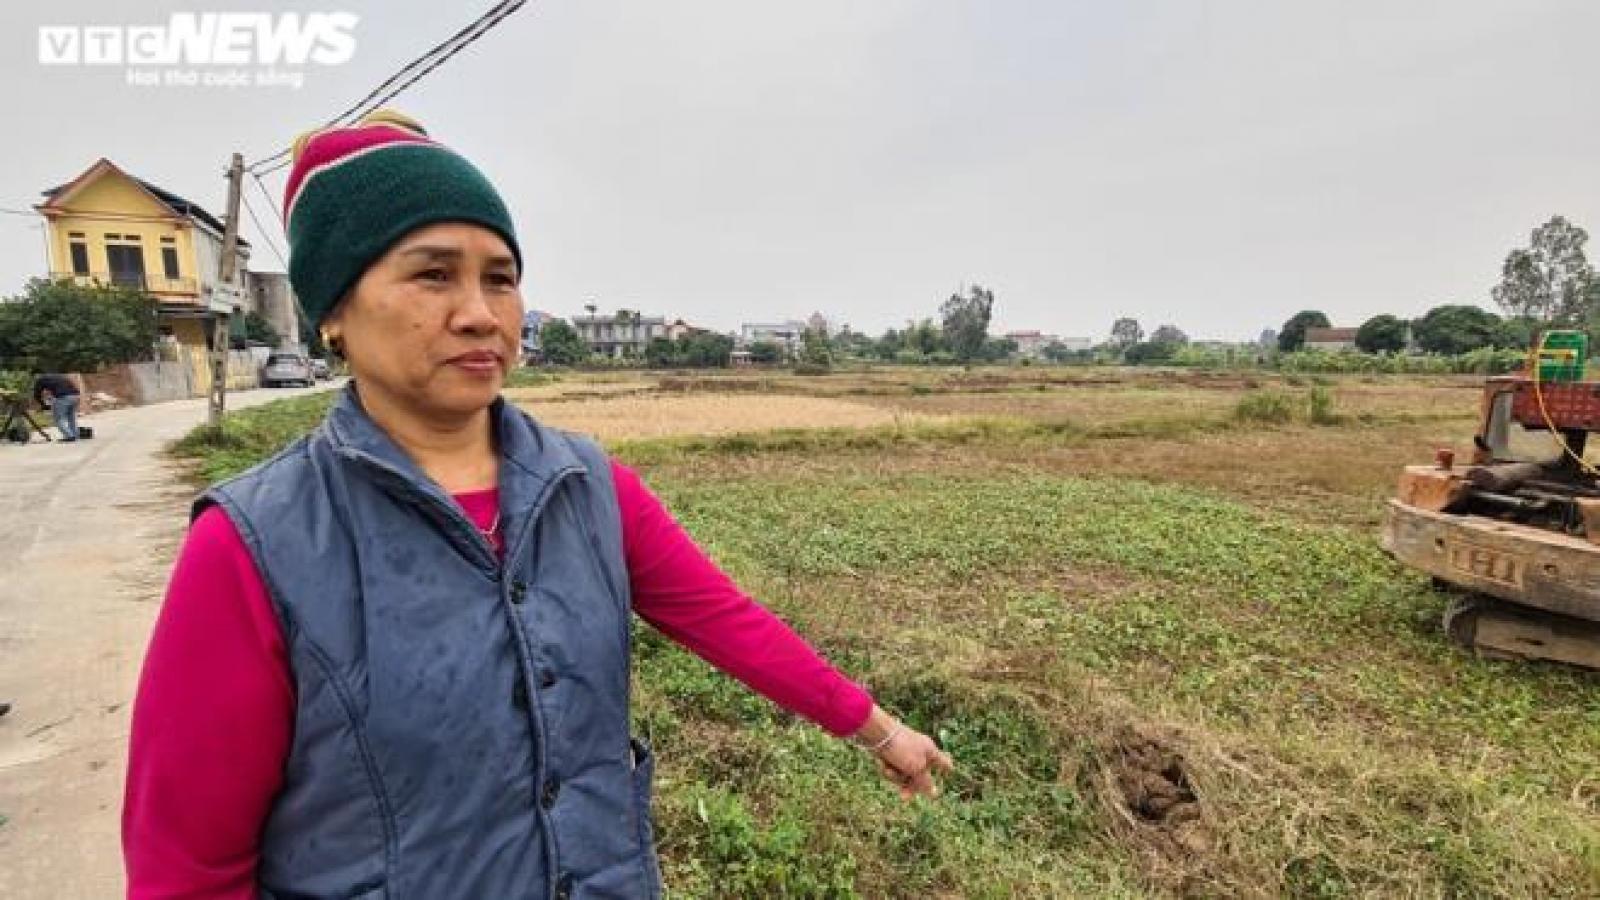 Thiết bị xây dựng đè chết thương tâm 2 bé trai ở Bắc Ninh: Công ty nào thi công?